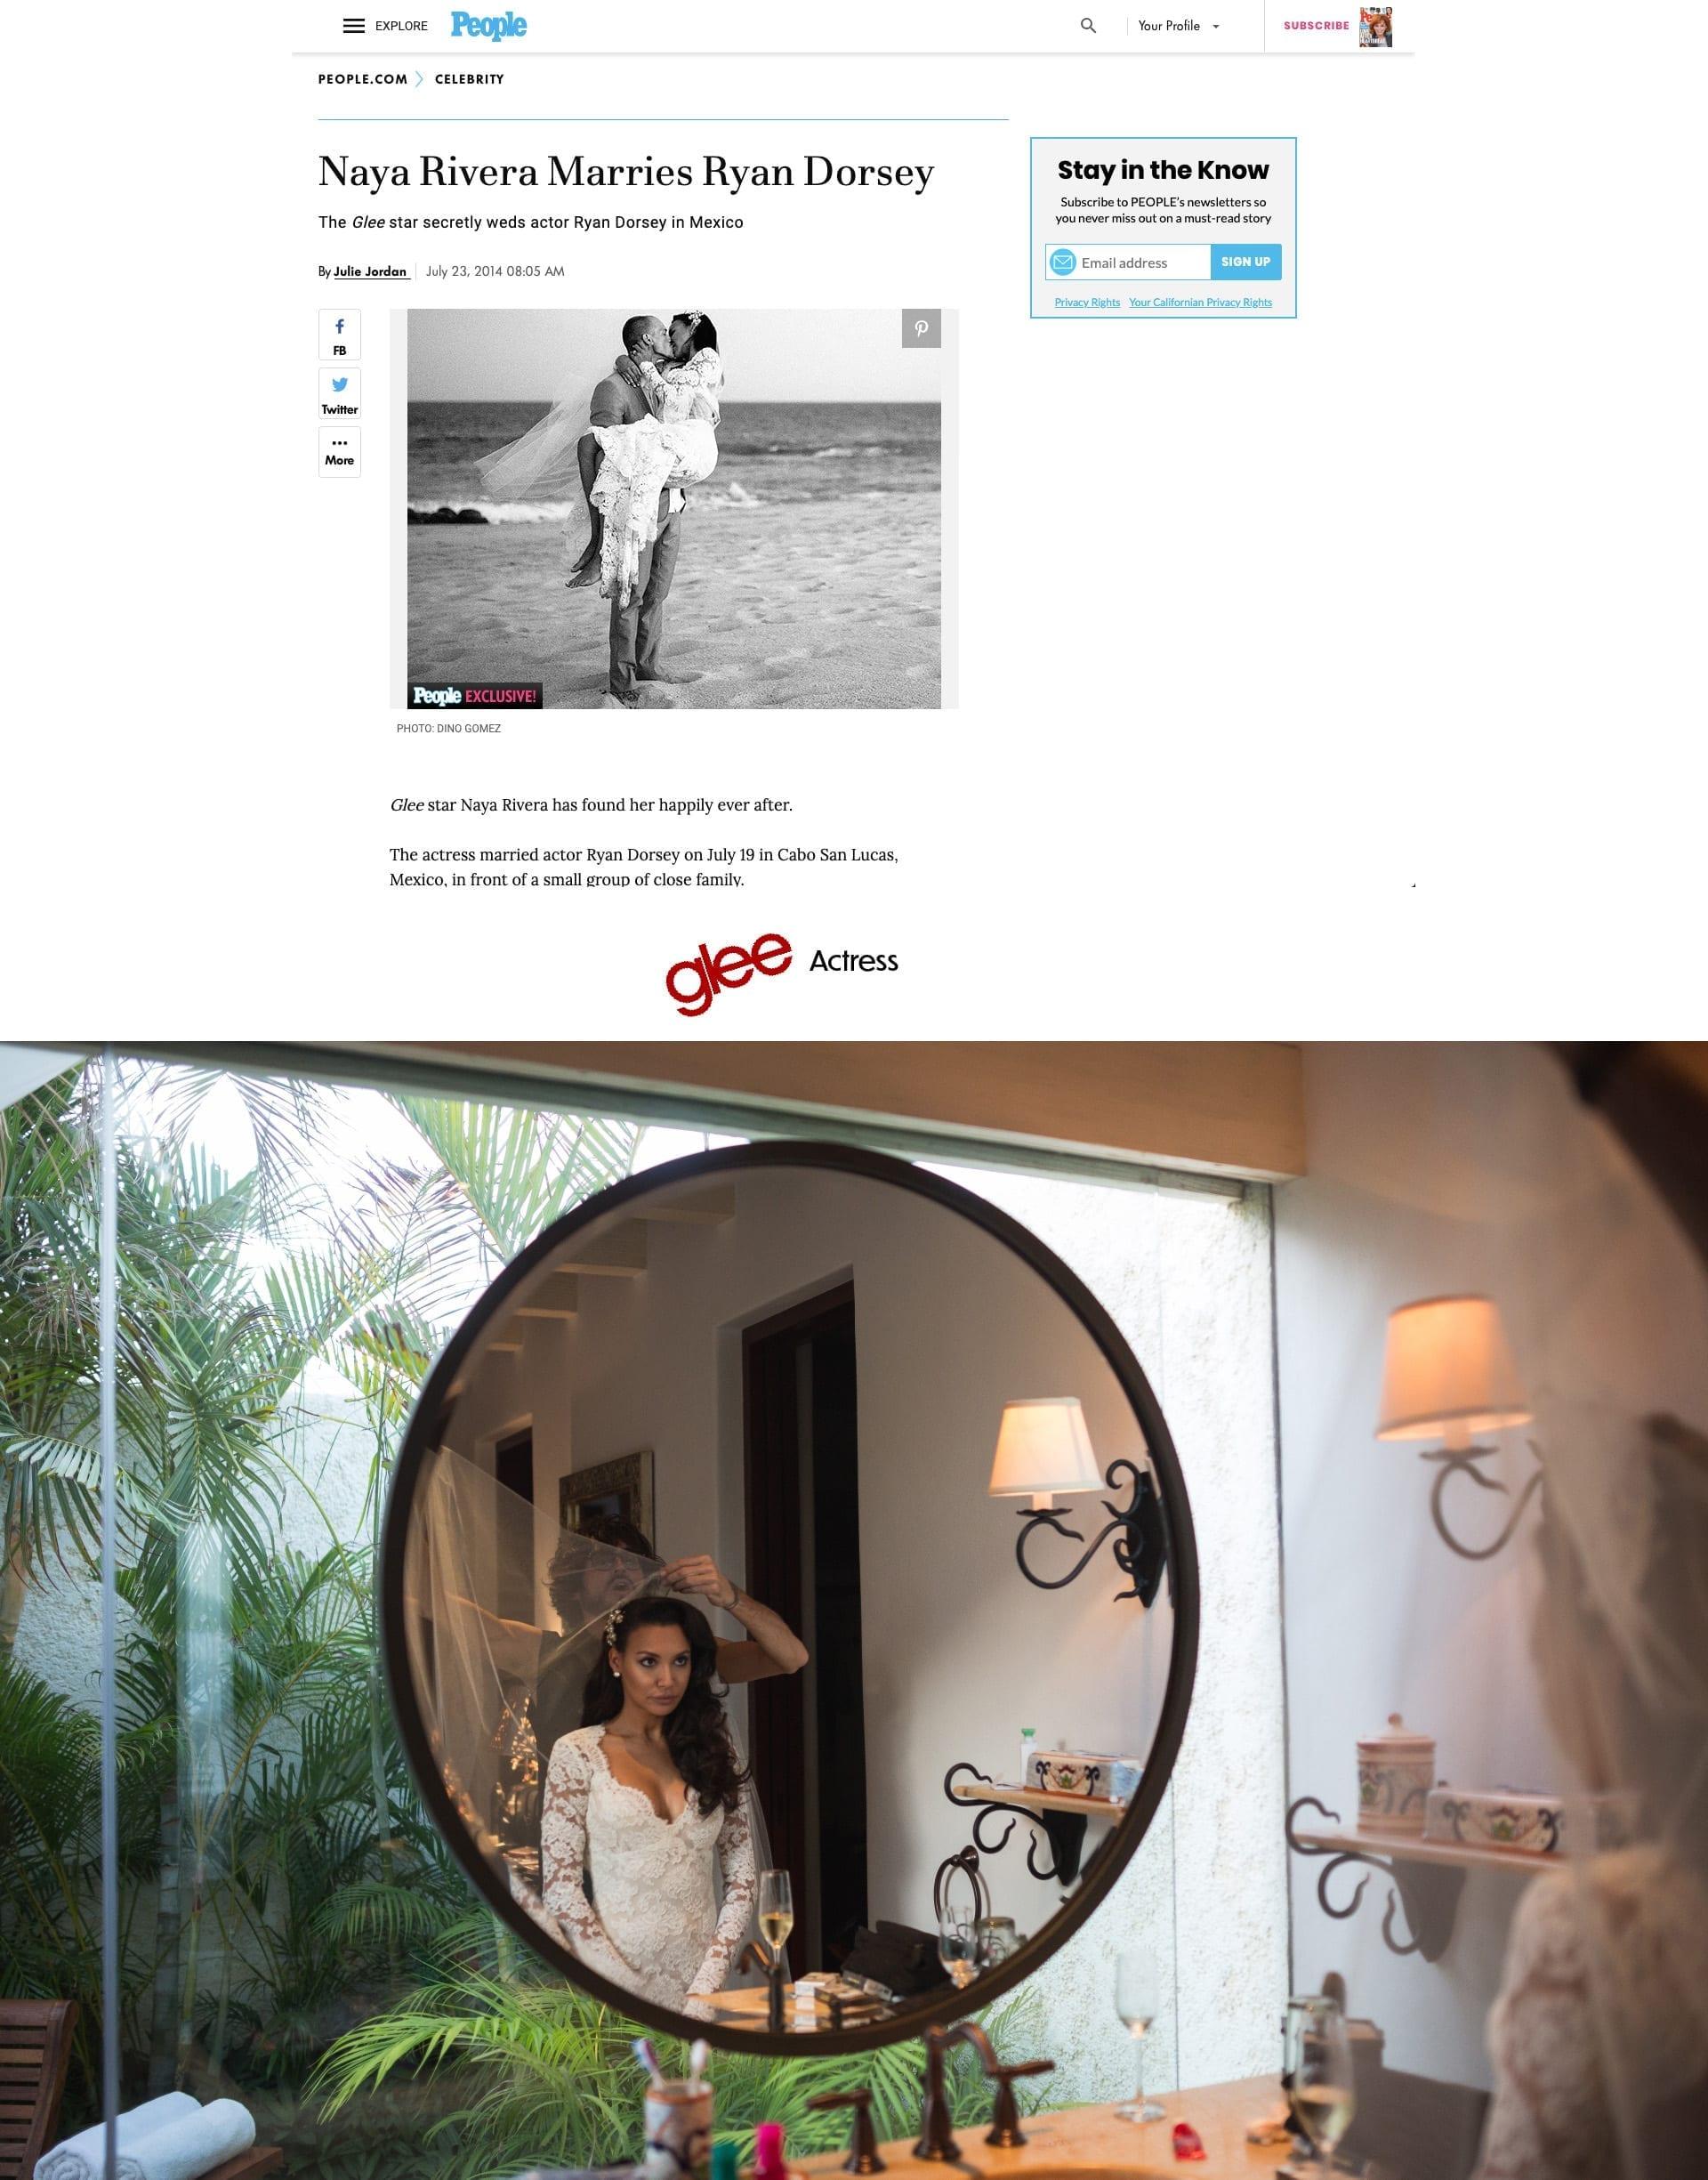 Fotografo Internacional en Colombia especializado en celebridades y personalidades